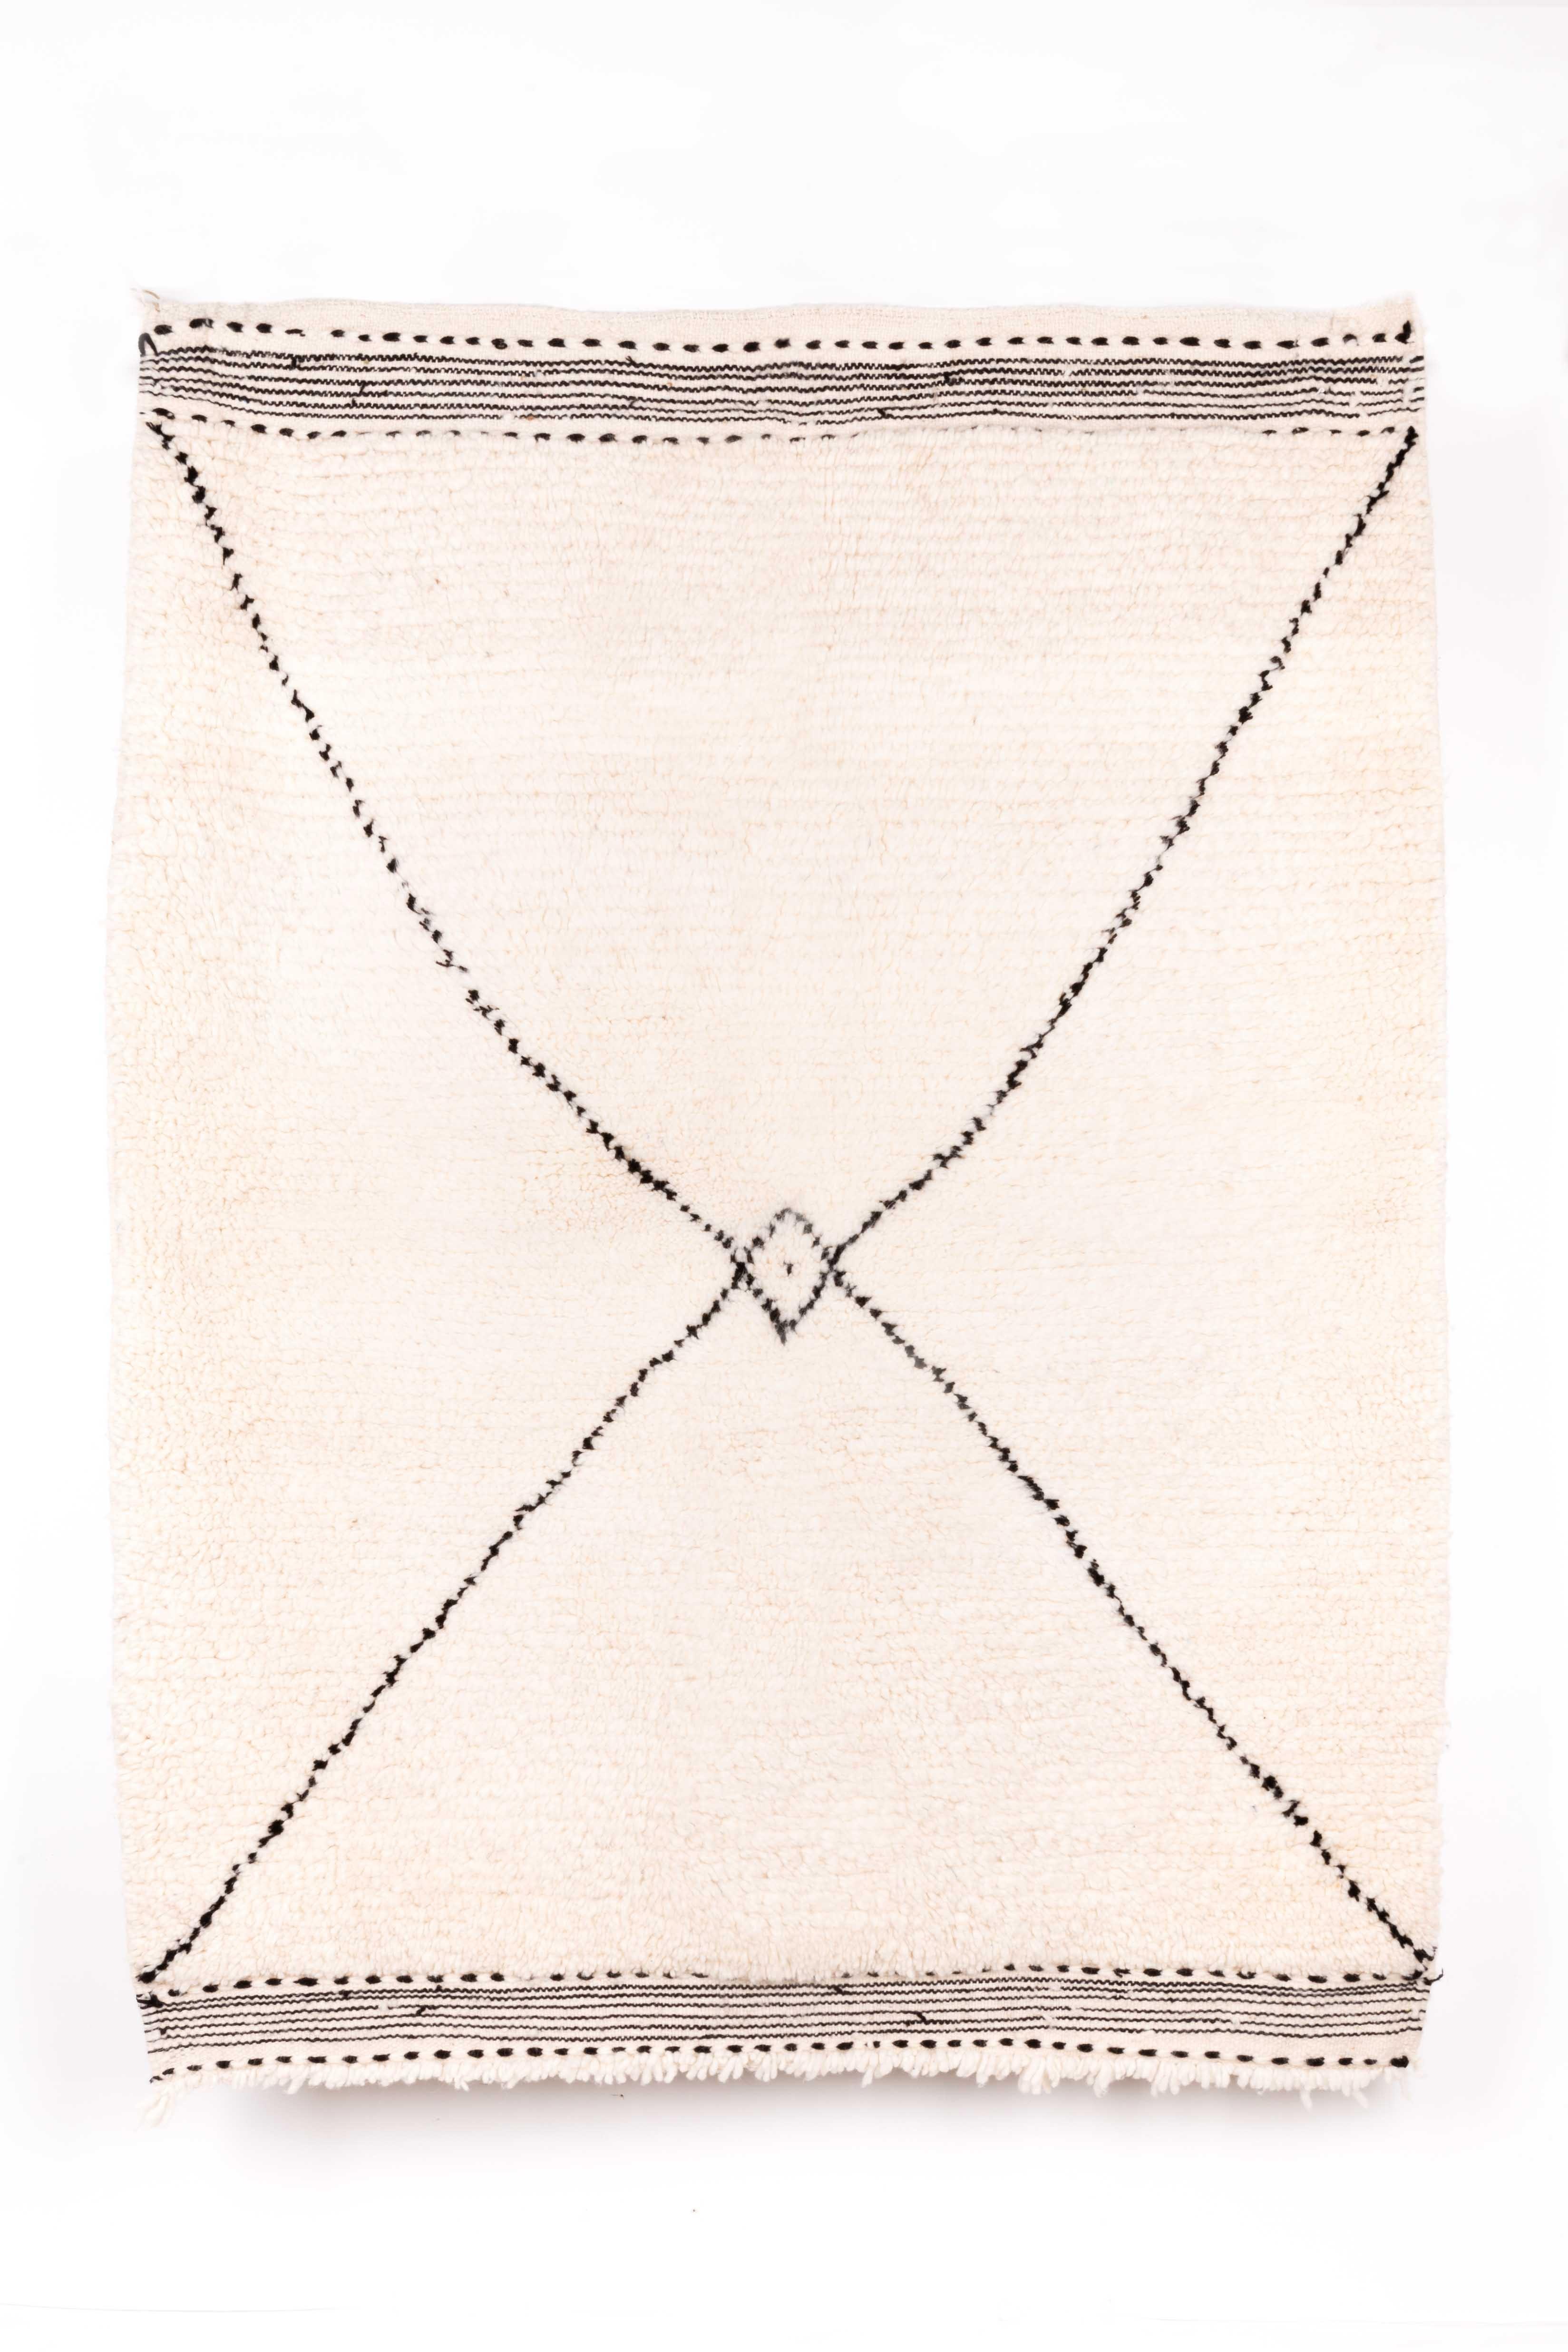 TAPIS BERBERE BENI OUARAIN 140 x 110 cm